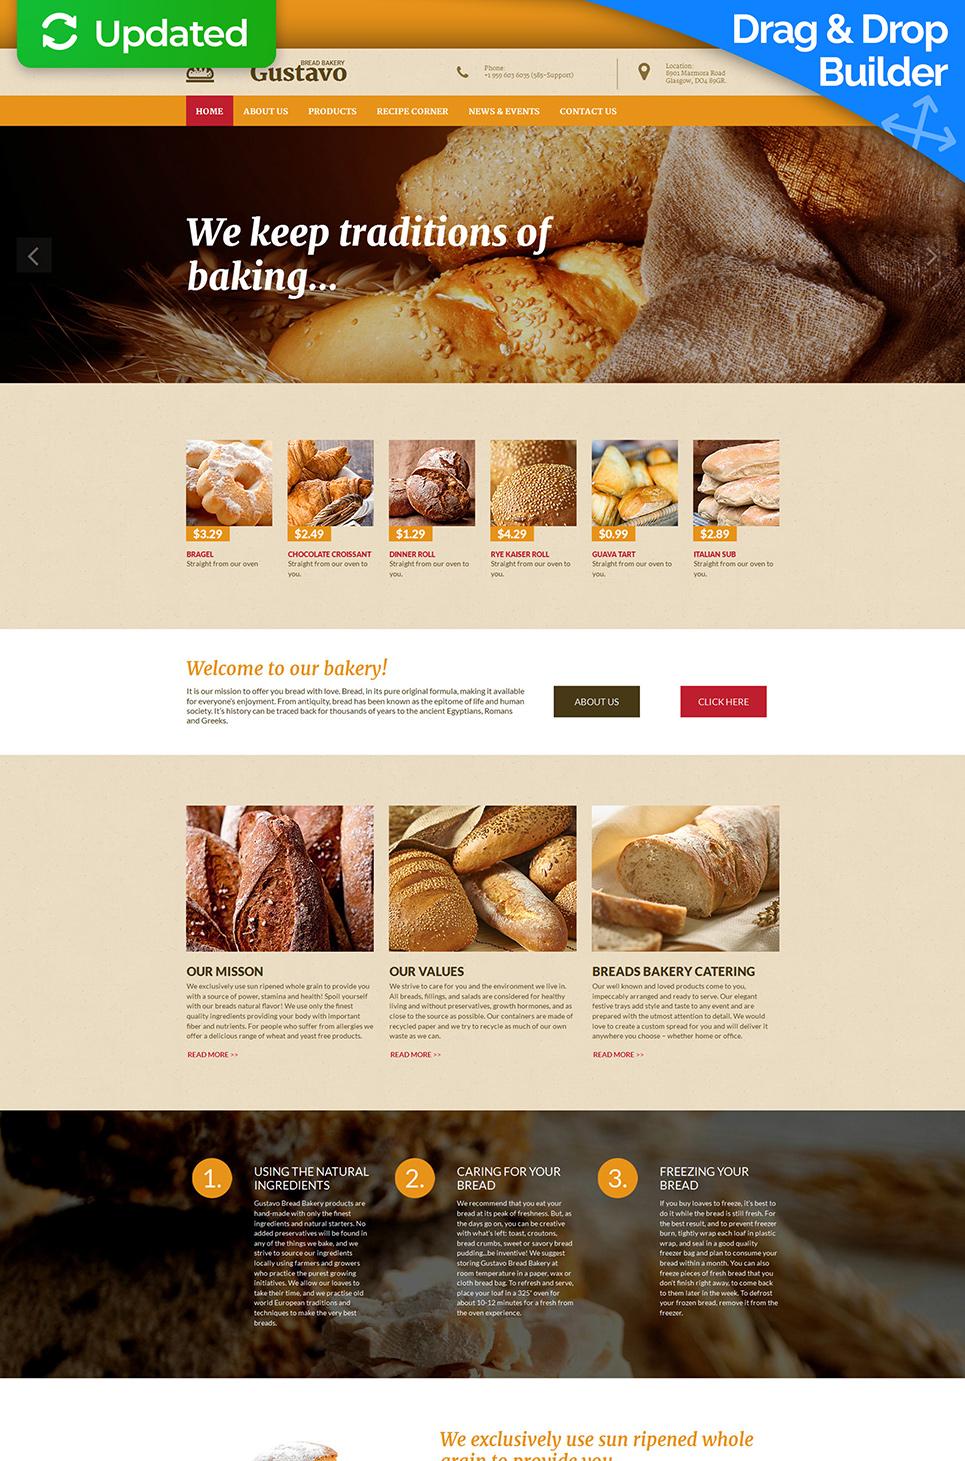 Sitio web adaptable para los panaderos - image